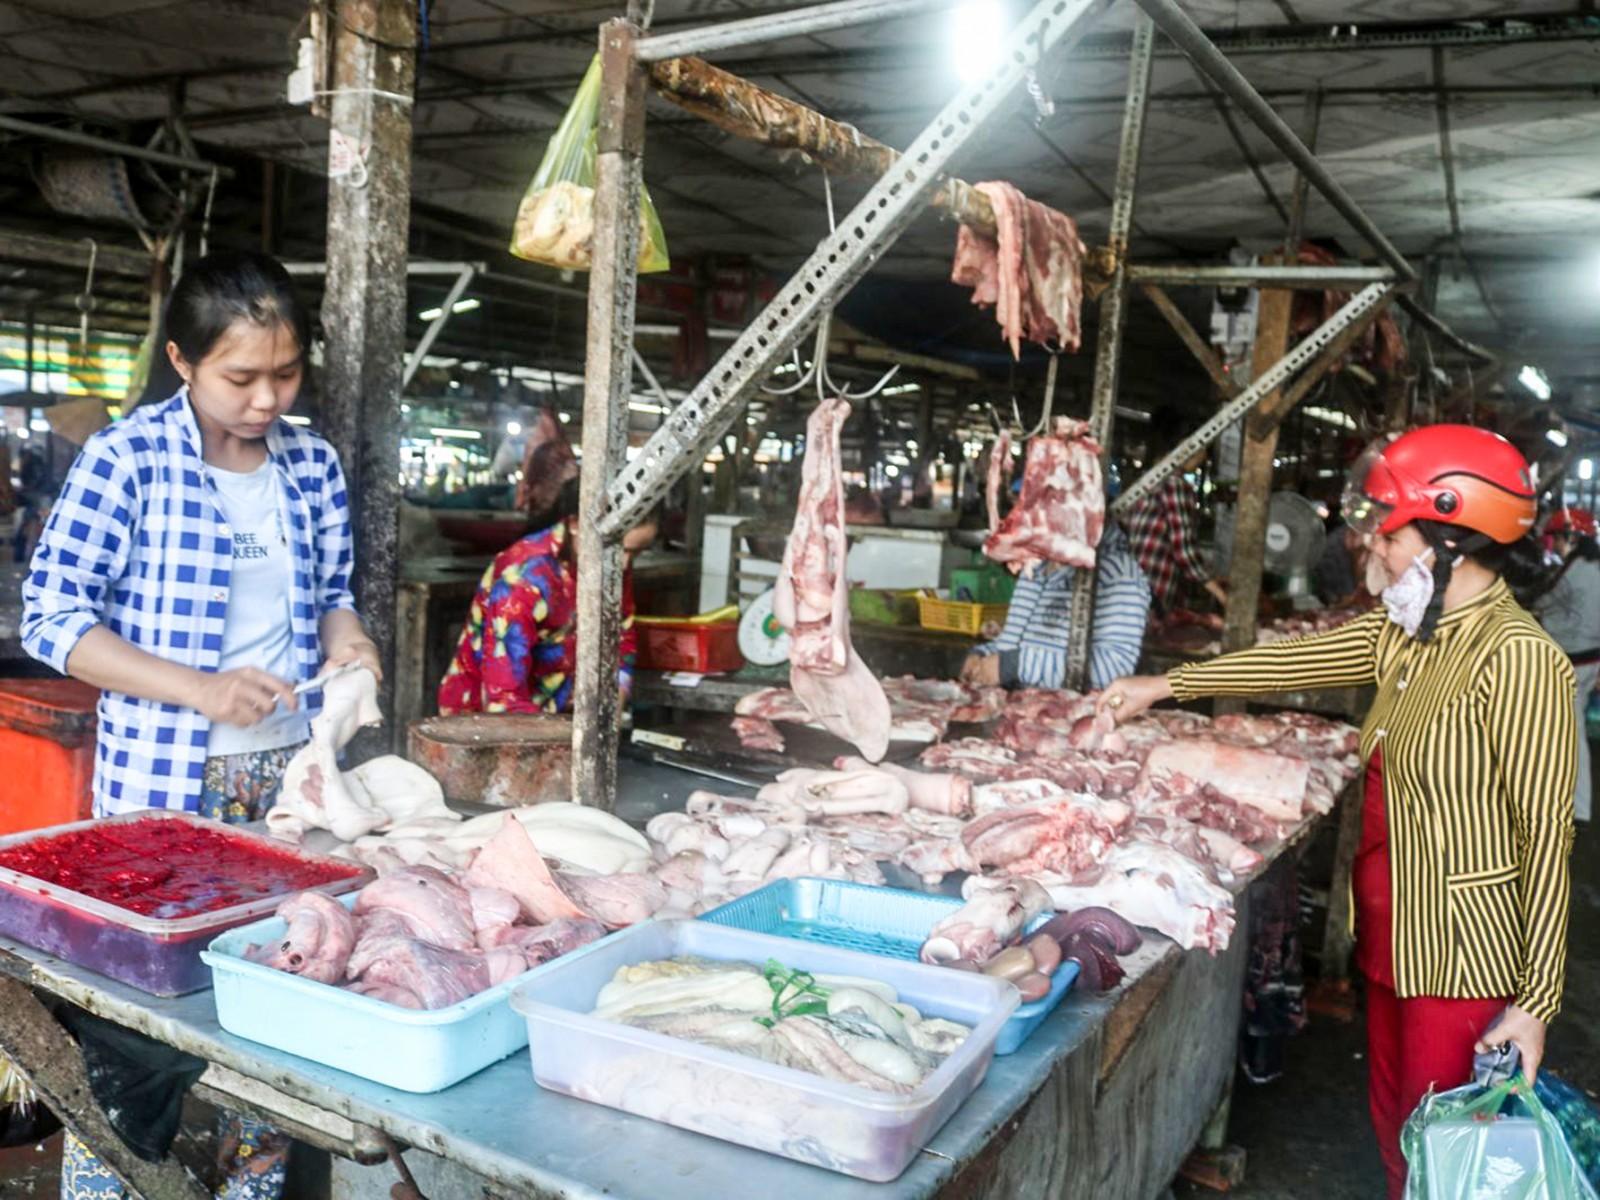 Nhiều người tiêu dùng vẫn đang mua và sử dụng thịt heo bình thường cho bữa ăn hằng ngày. Trong ảnh: Mua, bán thịt heo tại chợ  Phong Điền, TP Cần Thơ.